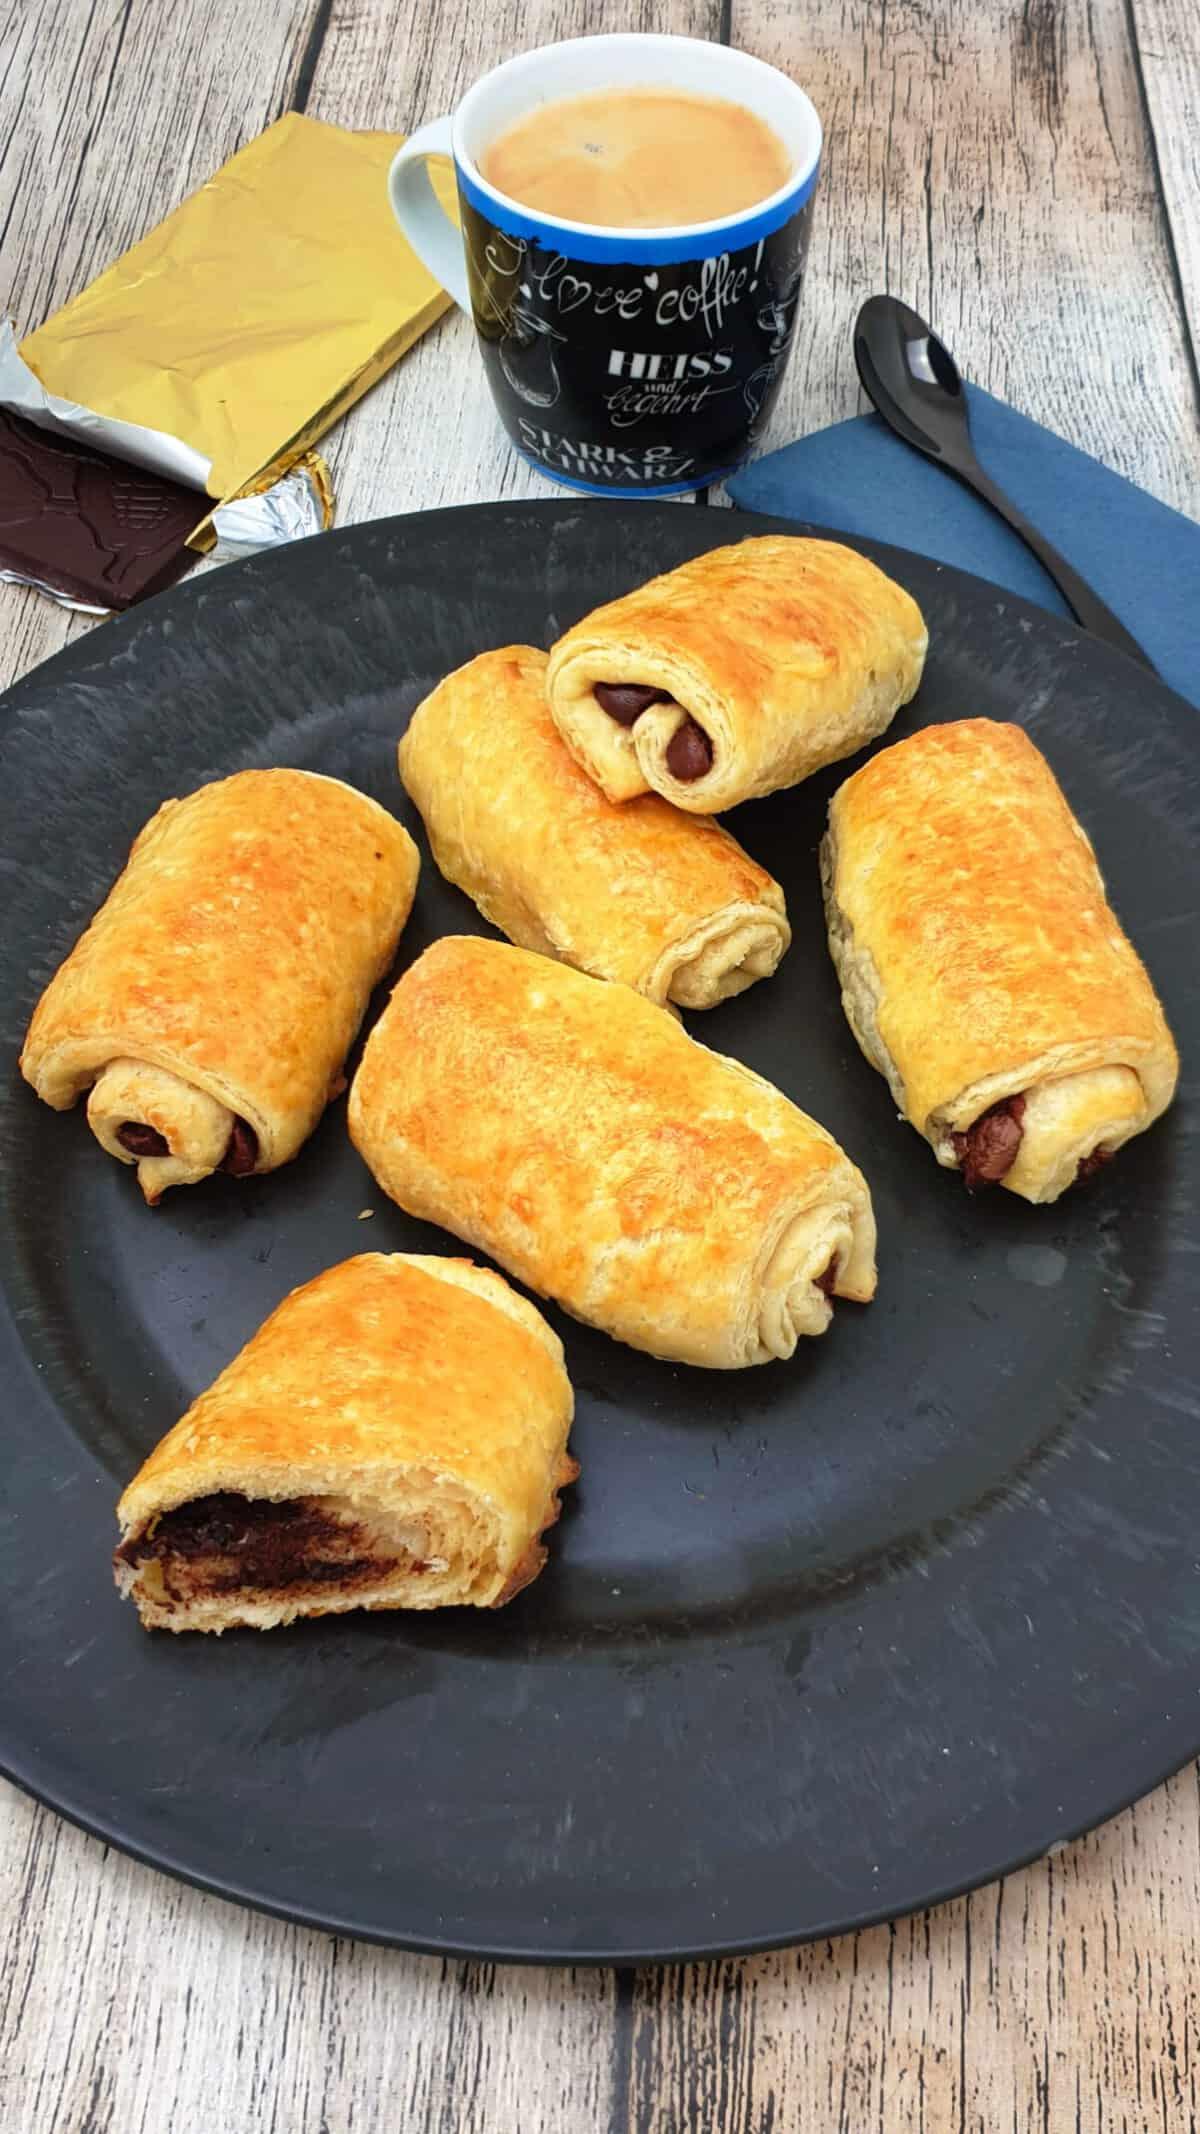 Auf einem grauen Teller drei Schoko-Croissants. Im Hintergrund Deko.